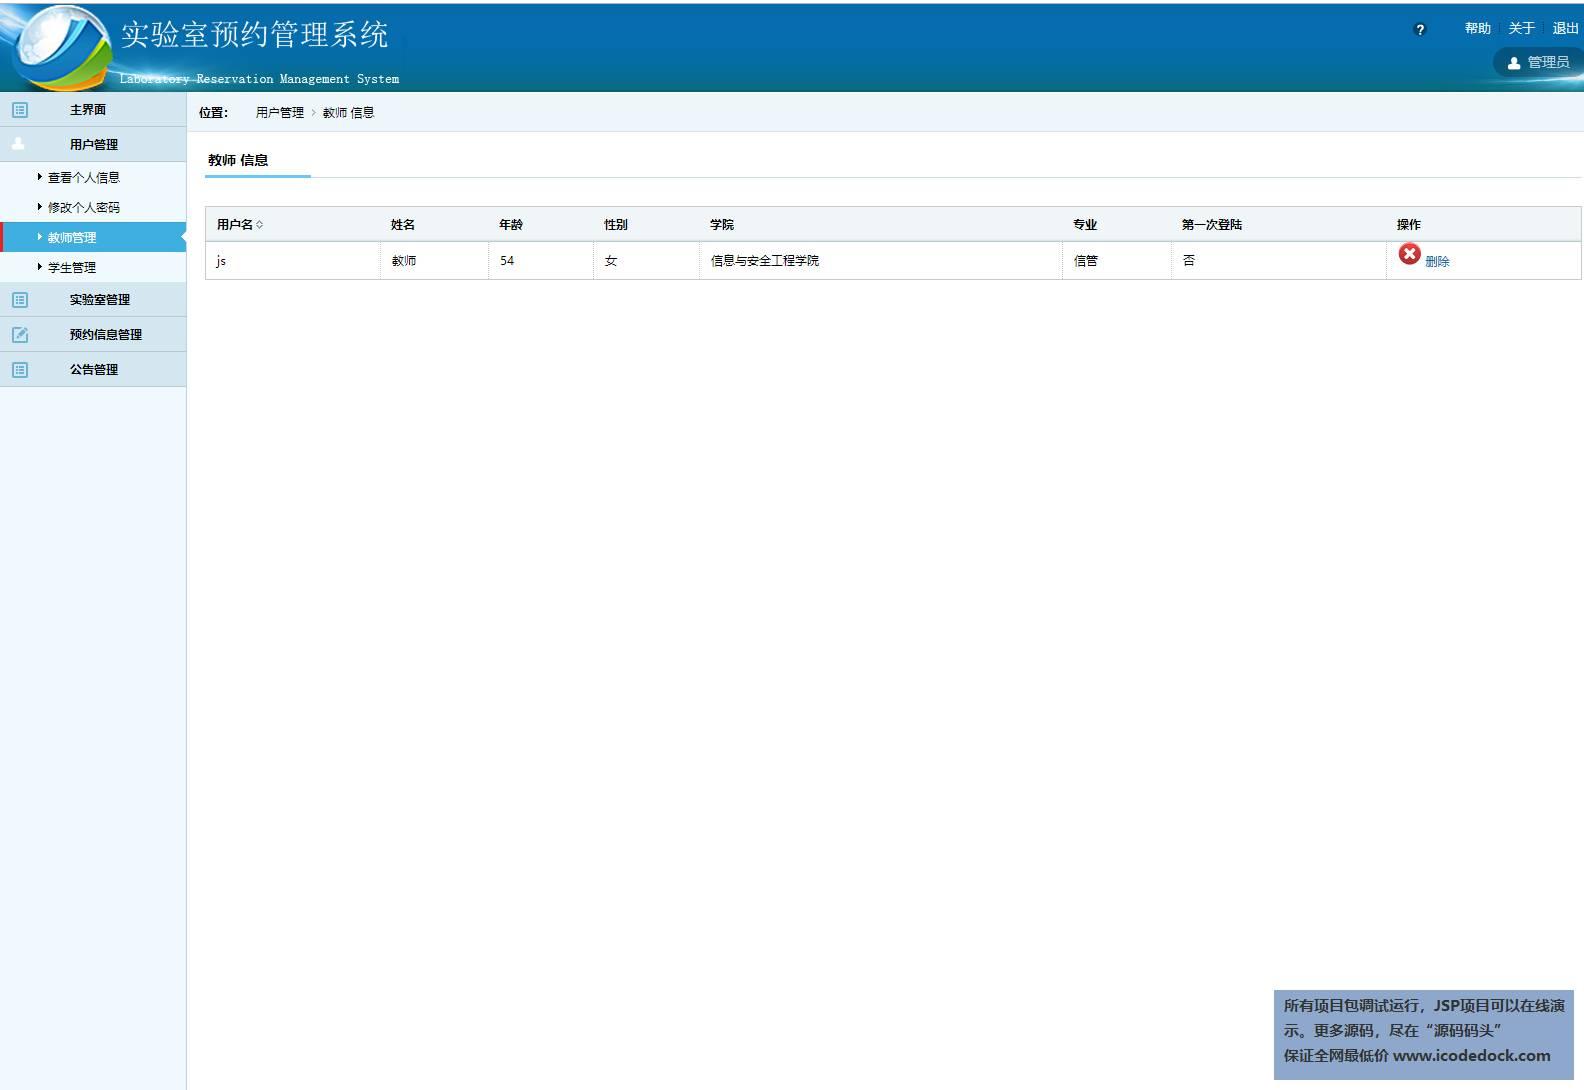 源码码头-SSH实验室预约管理系统-管理员角色-查看-删除教师